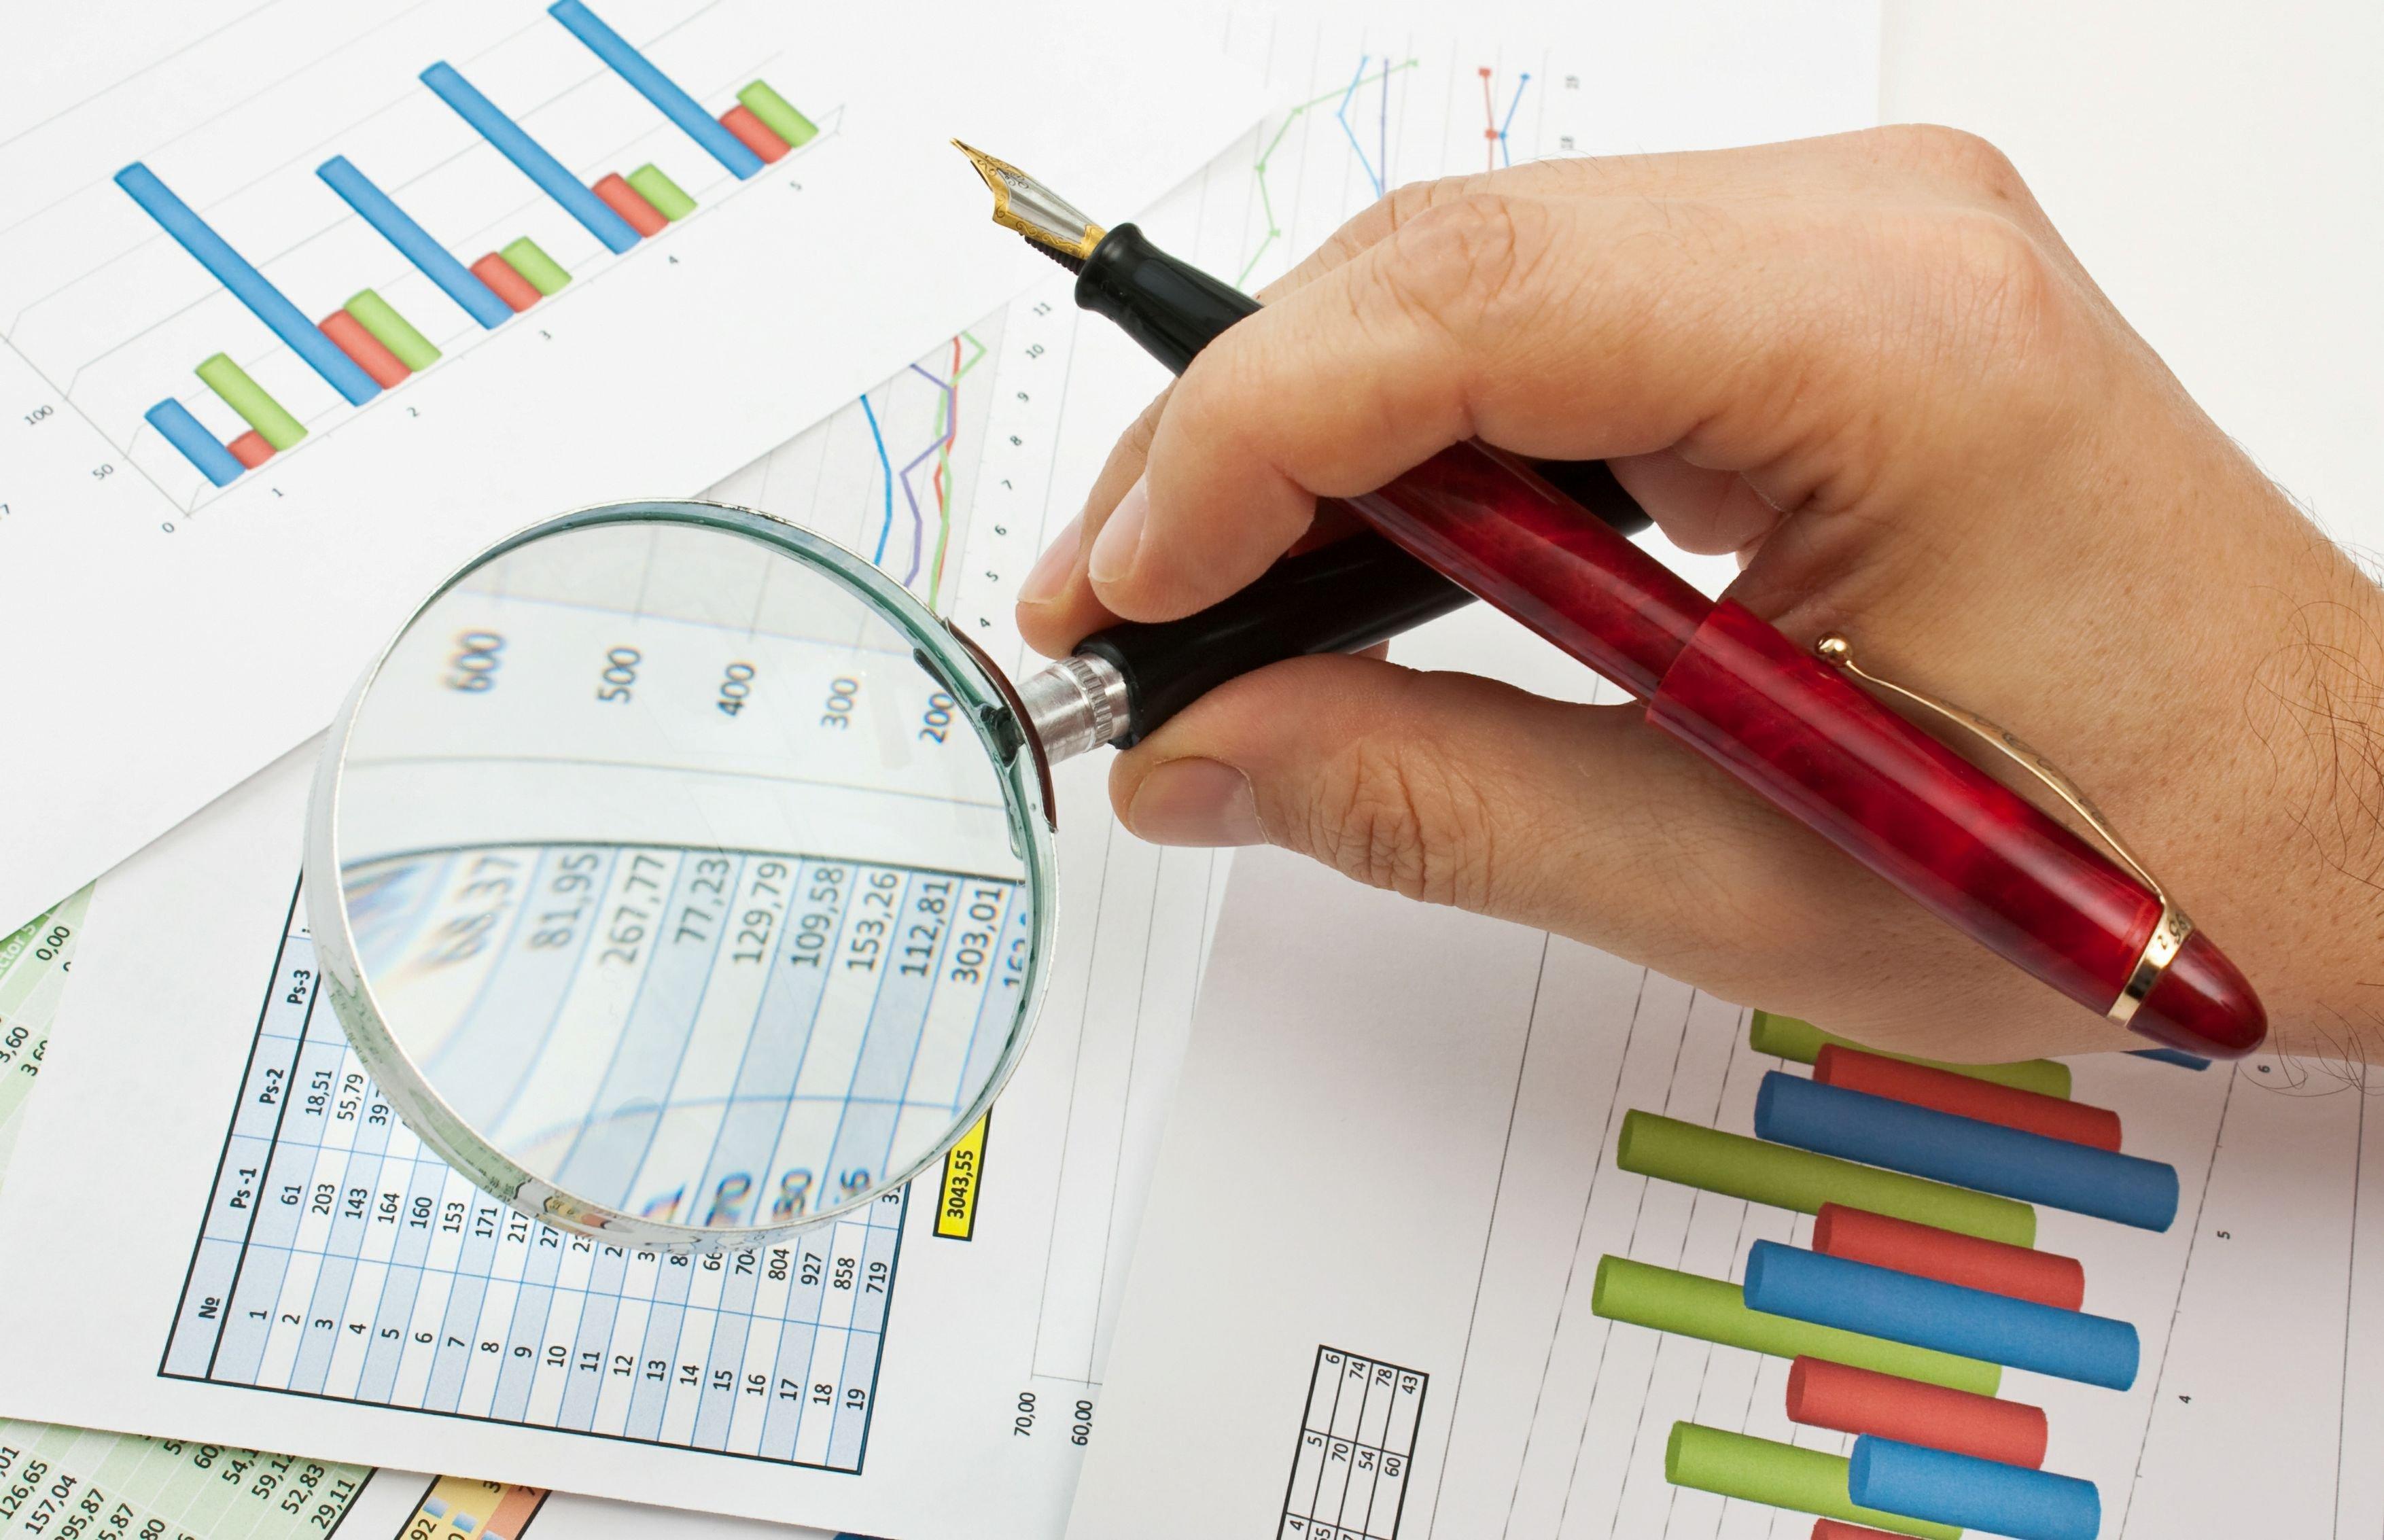 格隆汇港股聚焦(7.08)︱多家券商6月业绩大增  长城汽车6月销量增近三成